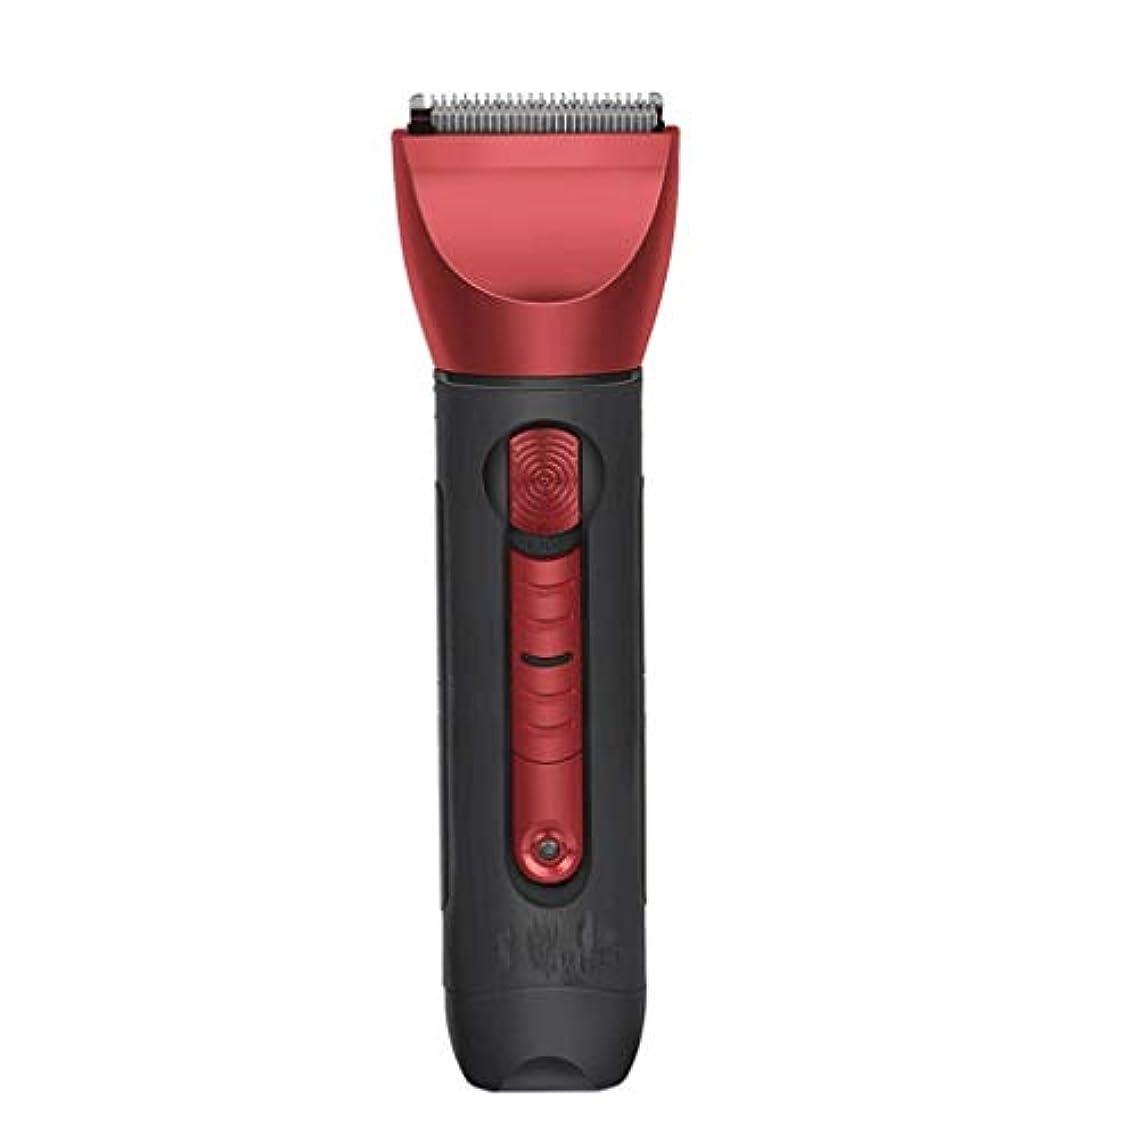 とても多くのジェスチャー初期のLLAMX プロフェッショナルヘアトリマーコードレスバリカン充電式ひげトリマー電気ディスプレイ散髪キット用男性と家族用充電ドック付き